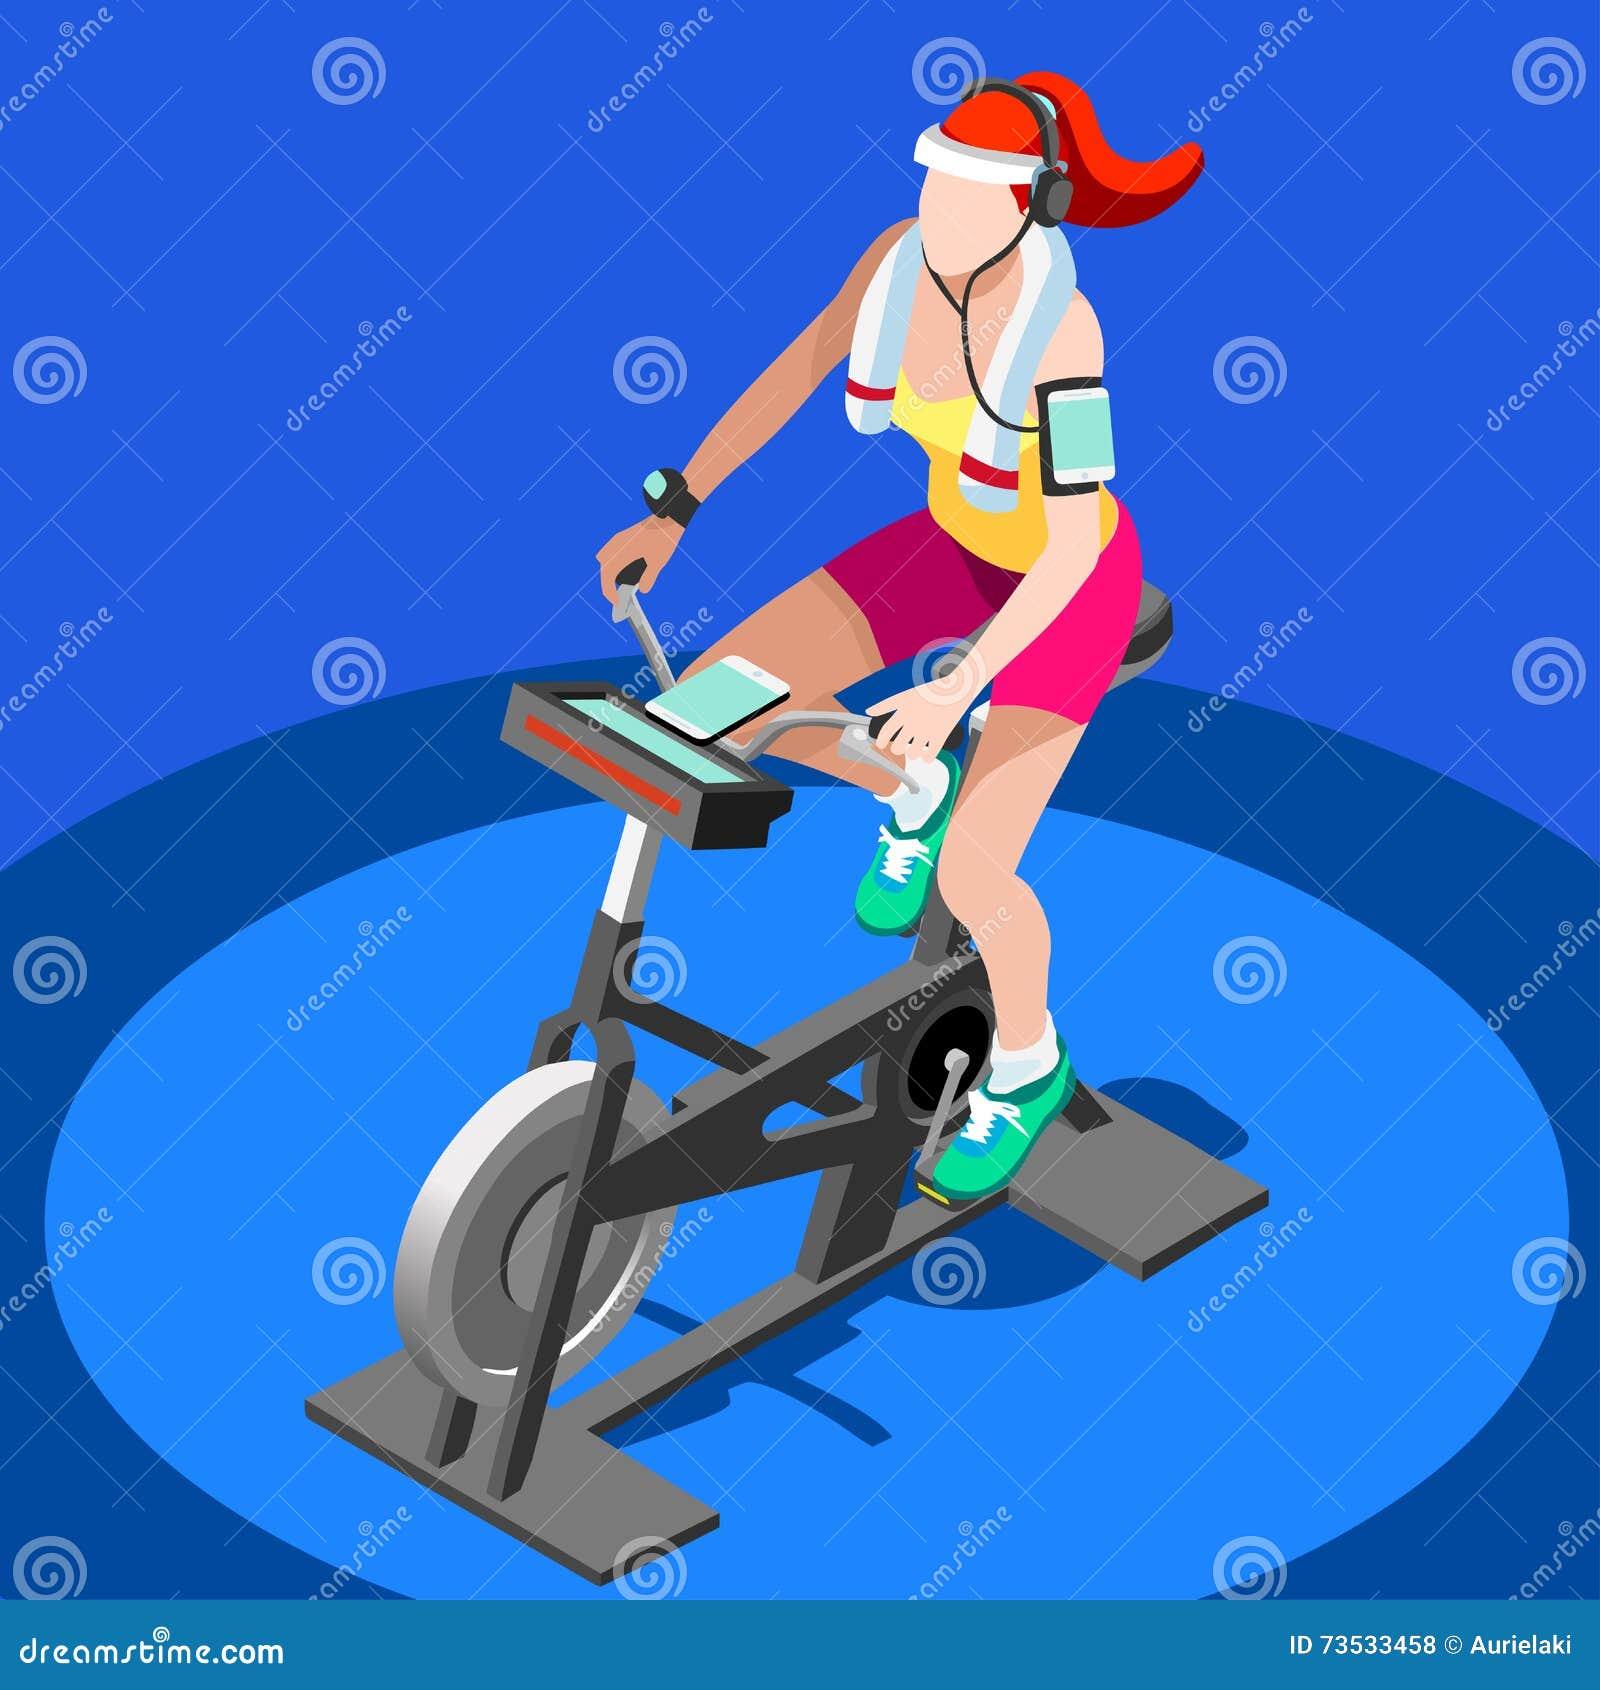 Grupp för motionscykelsnurrkondition 3D sänker den isometriska snurrkonditioncykeln Idrottshallgrupp som utarbetar cykla den inom